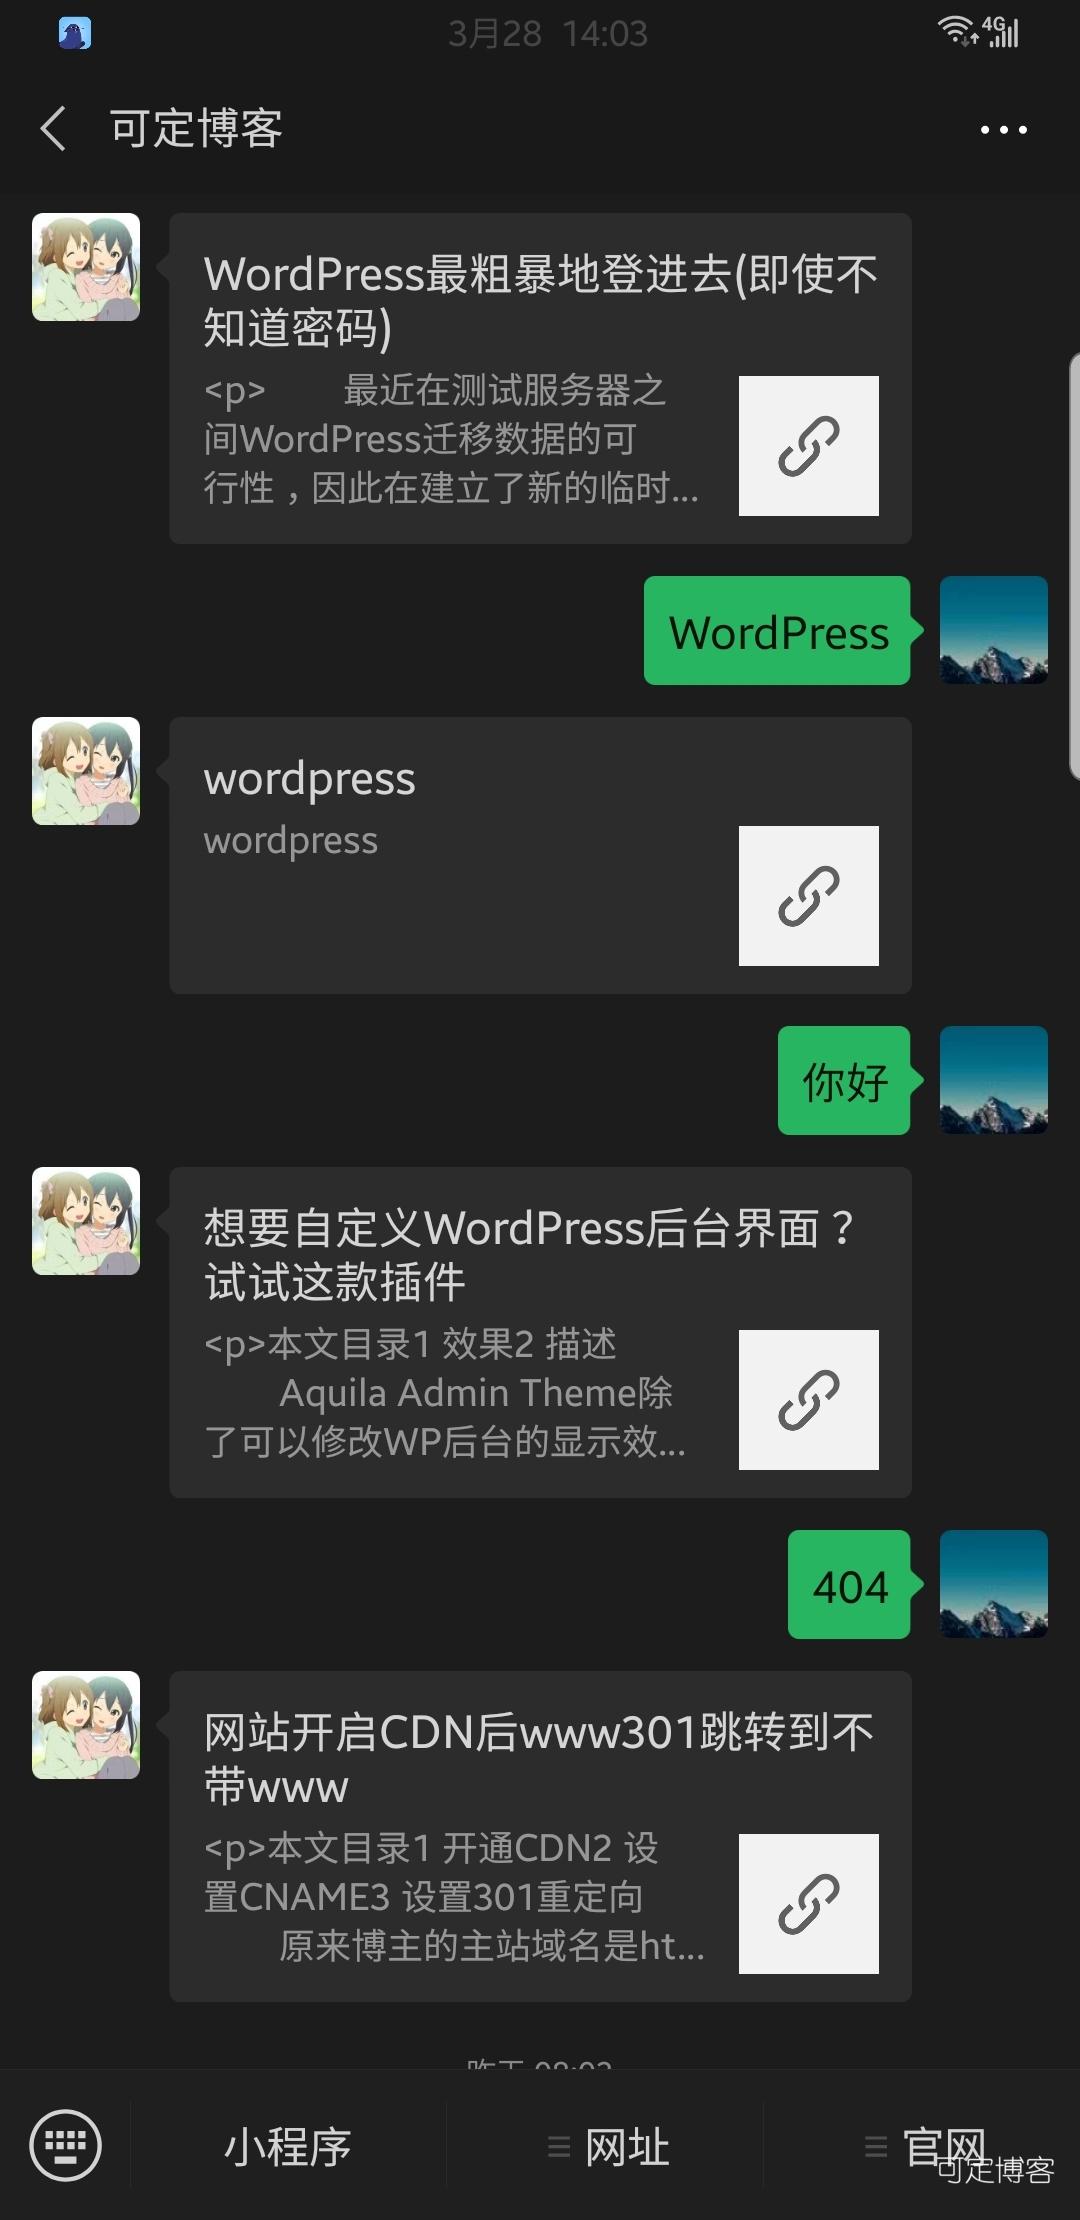 Screenshot_20200328-140314_WeChat.jpg